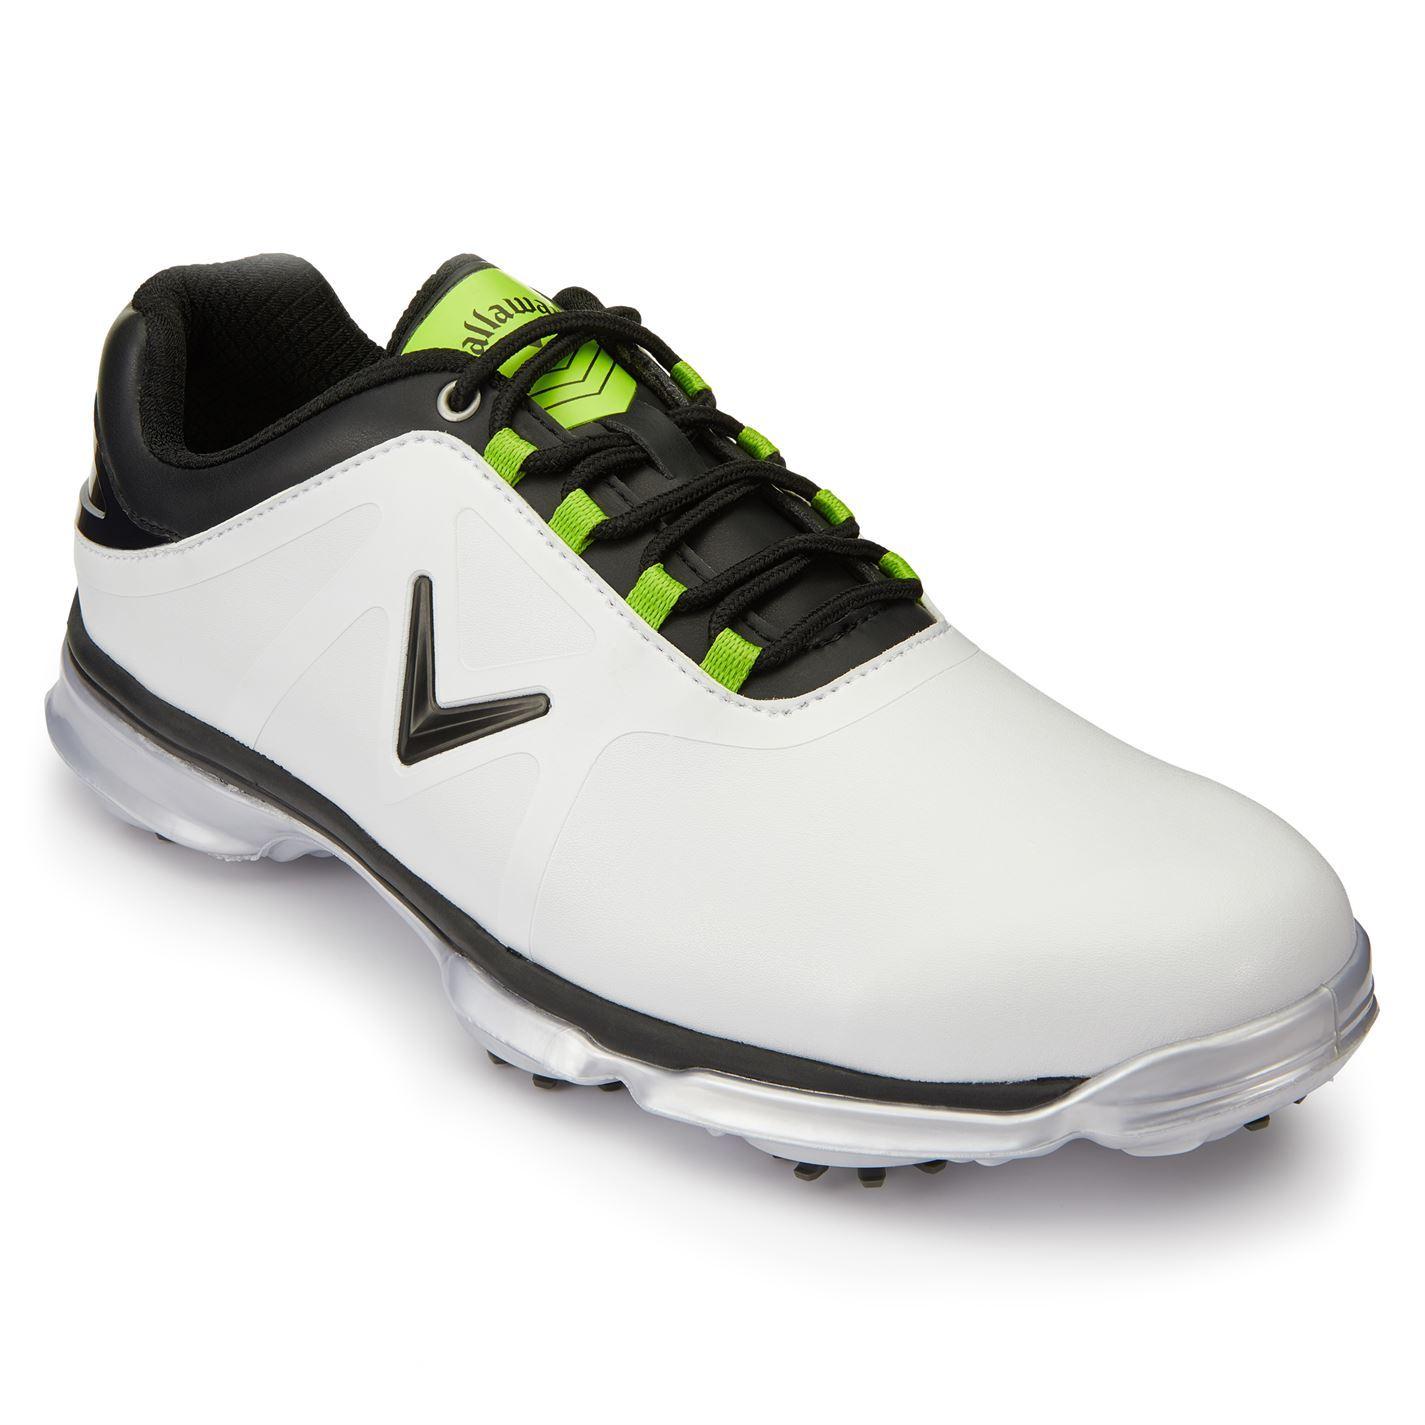 Callaway-XTT-Comfort-Spiked-Golf-Shoes-Mens-Spikes-Footwear thumbnail 18